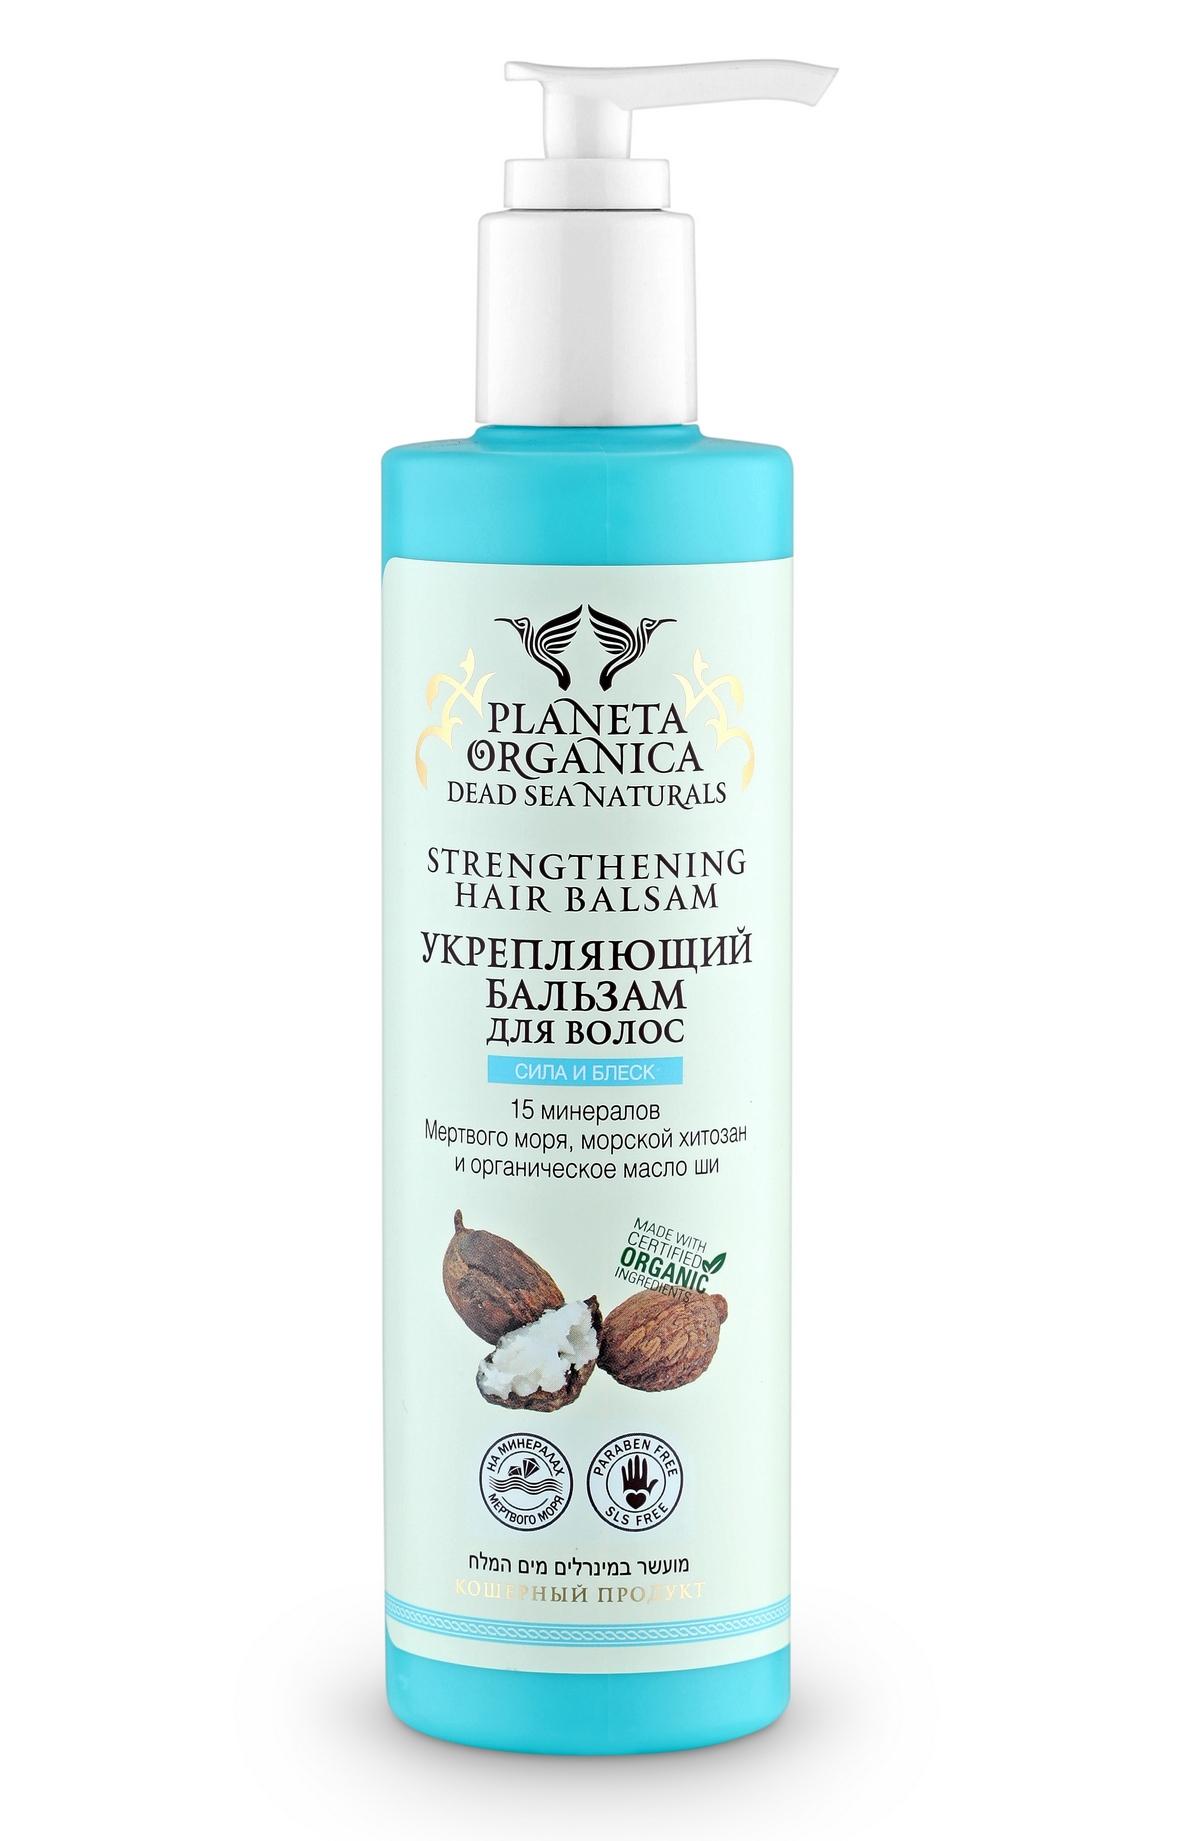 Planeta organica Dead sea naturals, Бальзам укрепляющий, 280 млFS-00897Новый укрепляющий бальзам, созданный на основе 15 минералов Мёртвого моря, интенсивно питает и укрепляет волосы, облегчает их расчёсывание и укладку, придаёт мягкость, эластичность и здоровый блеск.Сертифицированные органические компоненты бальзама обладают питательными и защитными свойствами, укрепляют корни, заметно ускоряют рост волос.Морской хитозан восстанавливает повреждённую структуру волос, разглаживает их по всей длине.